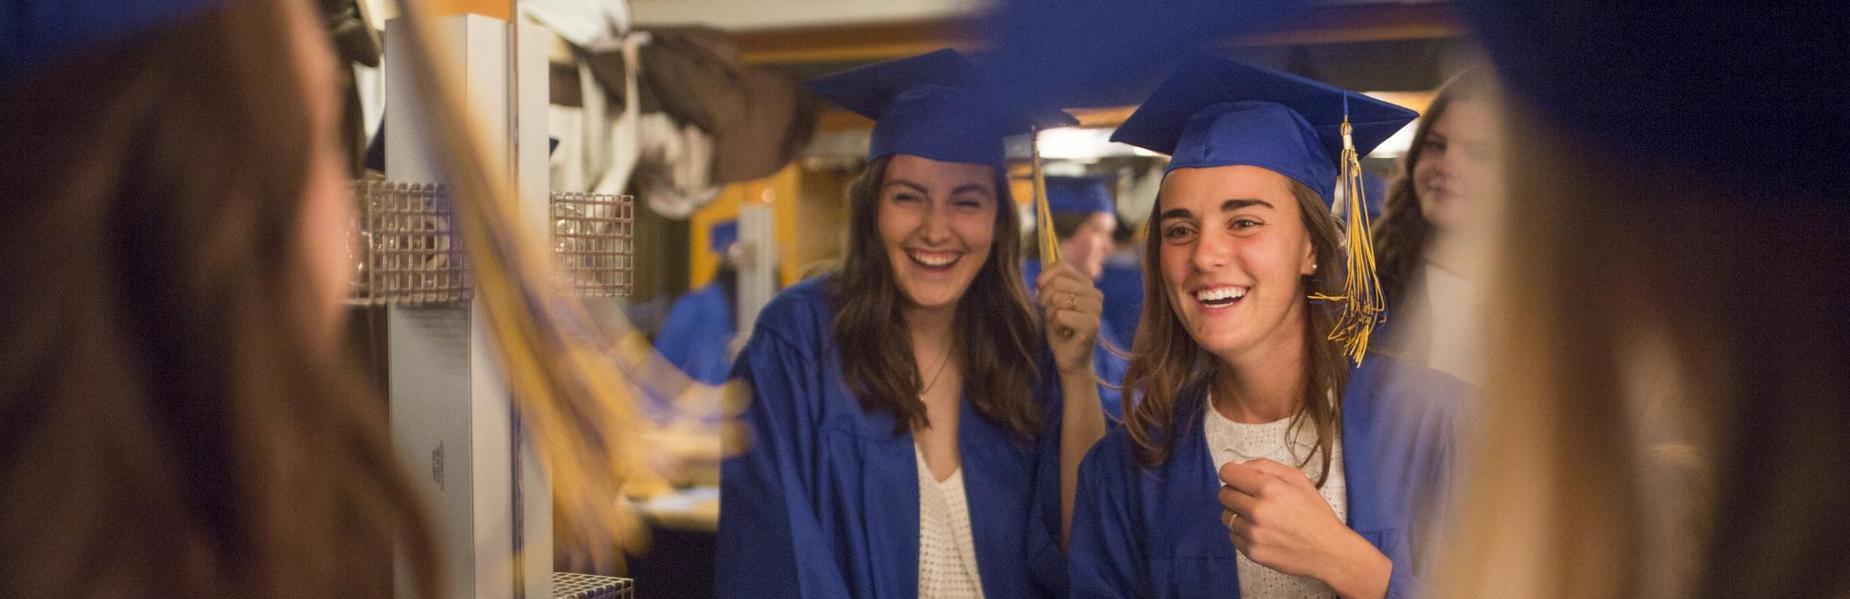 JHCS Graduates 1